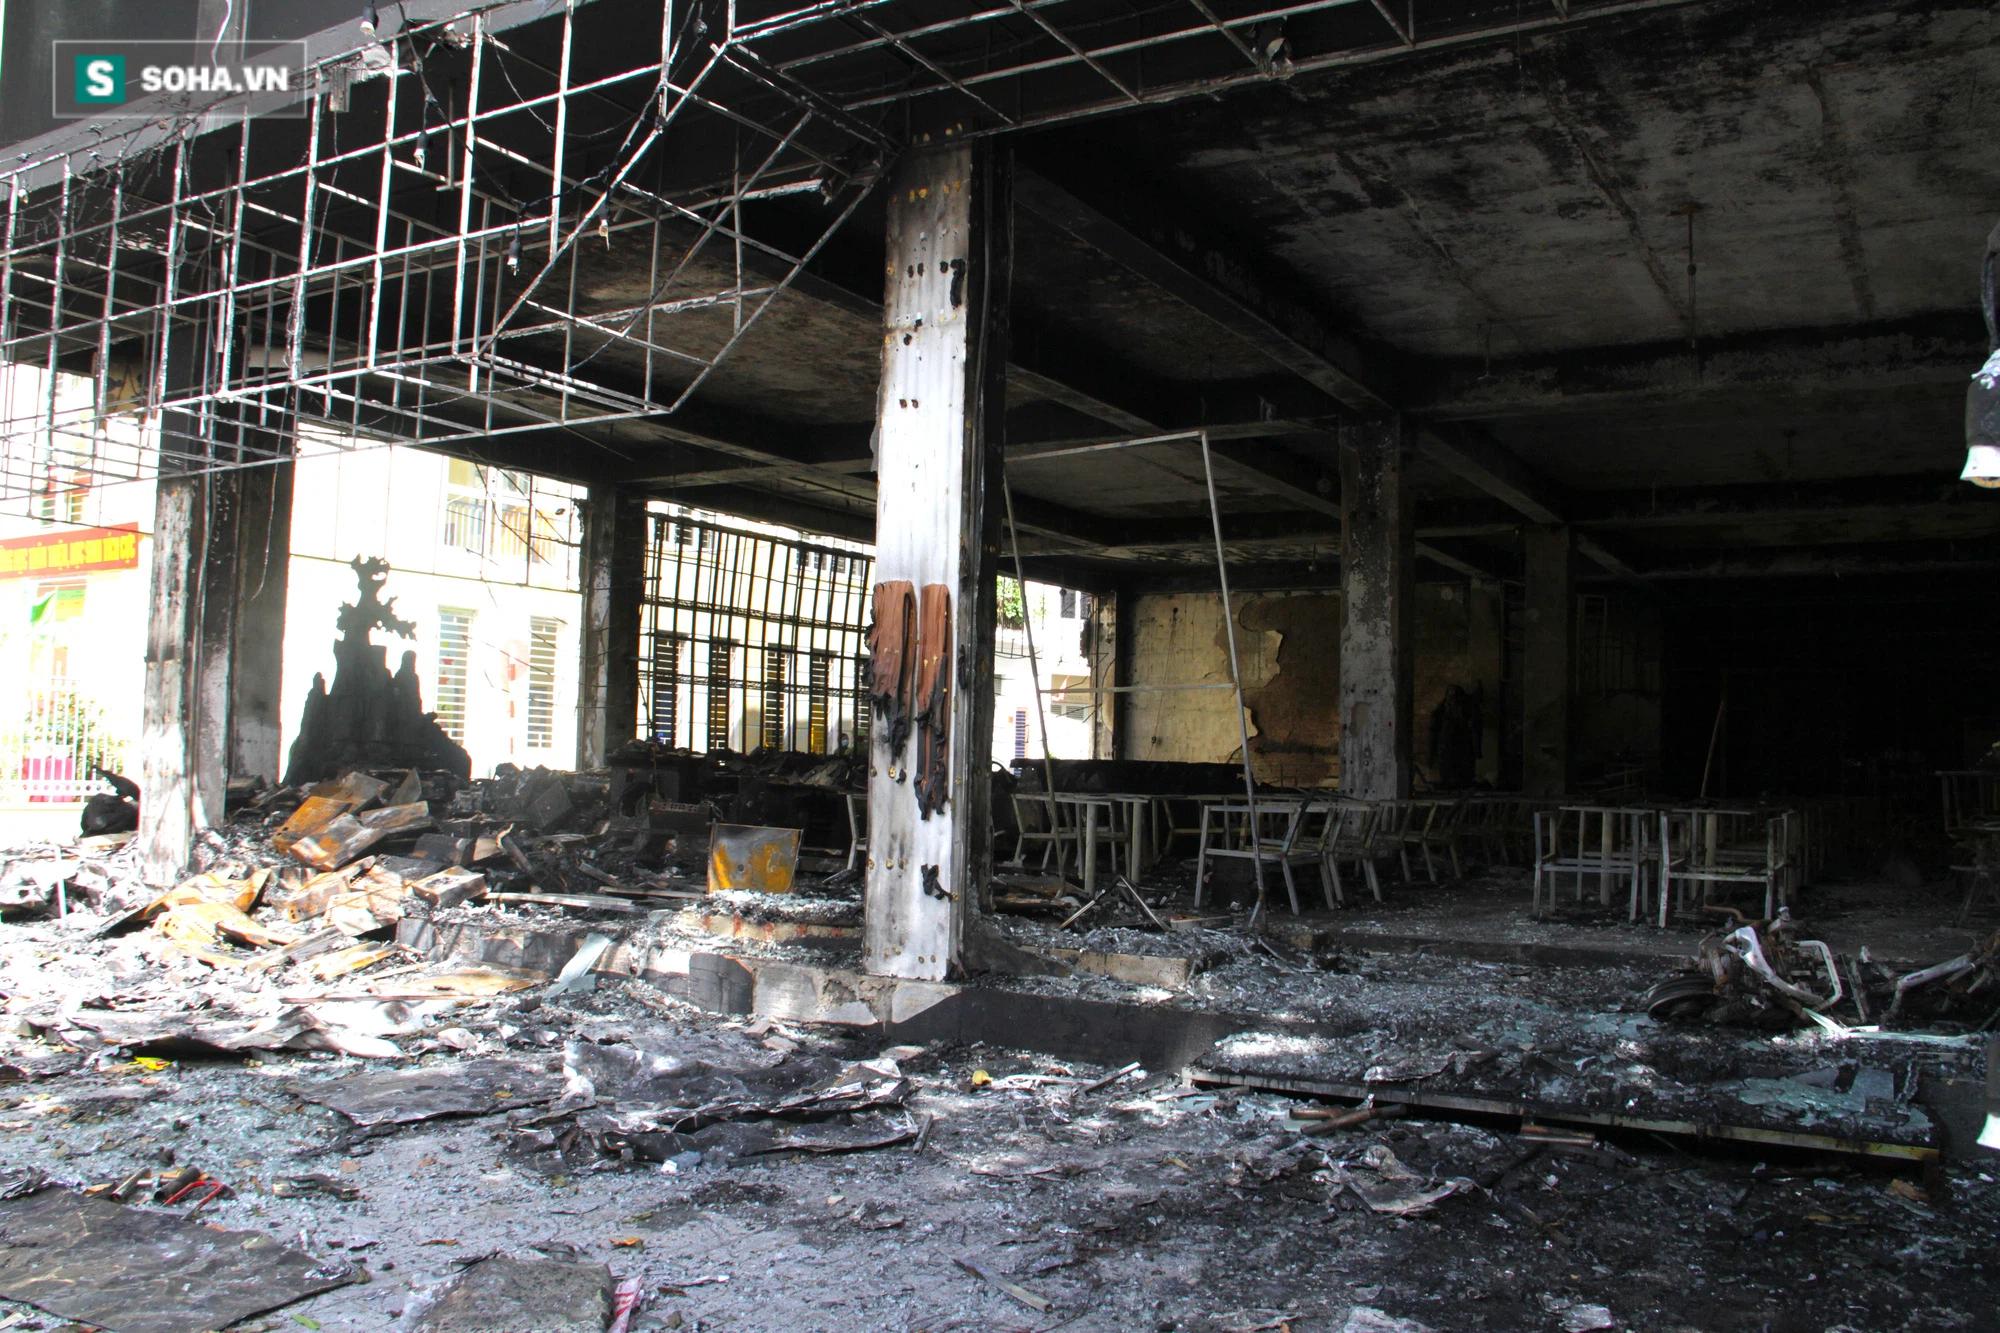 Cận cảnh hiện trường bên trong phòng trà bị cháy khiến 6 người tử vong ở Nghệ An - Ảnh 10.